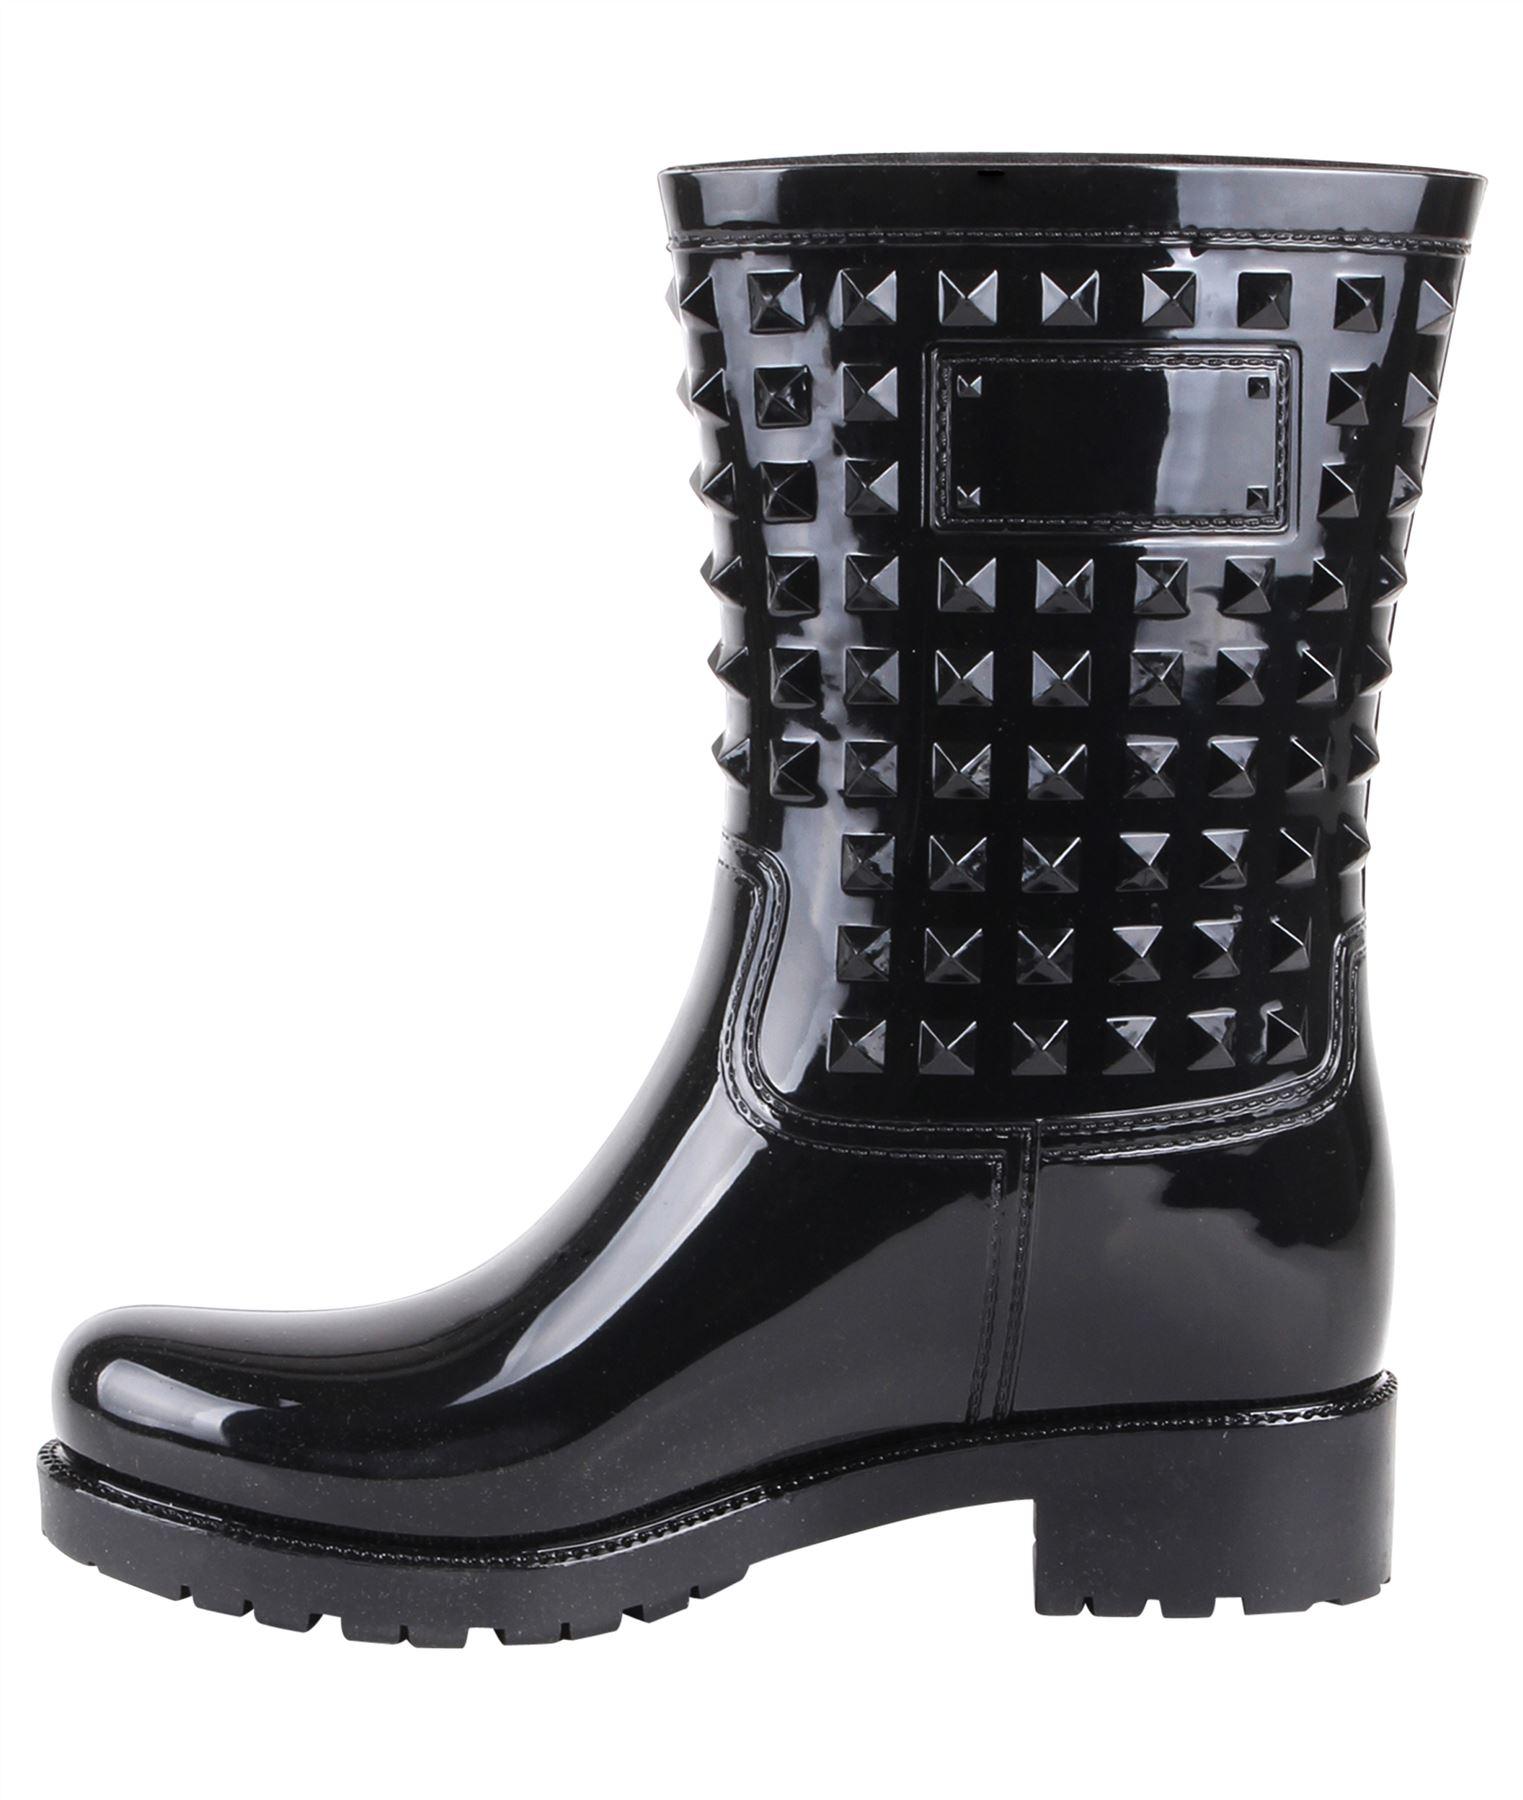 Botas-Agua-Mujer-Barata-Original-Botines-Moda-Comodas-Calzado-Elastico-Juveniles miniatura 27